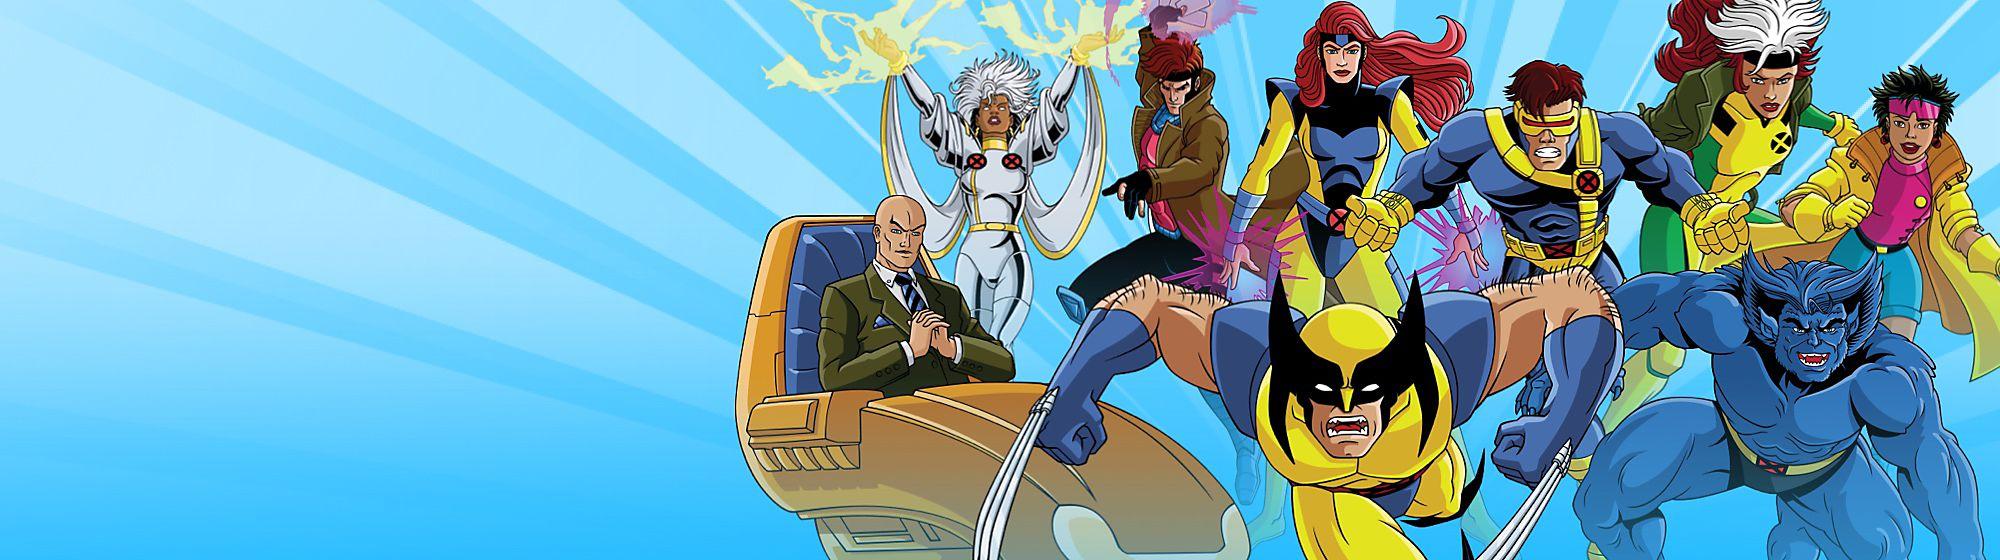 X-Men Deja que el escuadrón de mutantes suba tu look de nivel con nuestra colección de ropa, accesorios y más.